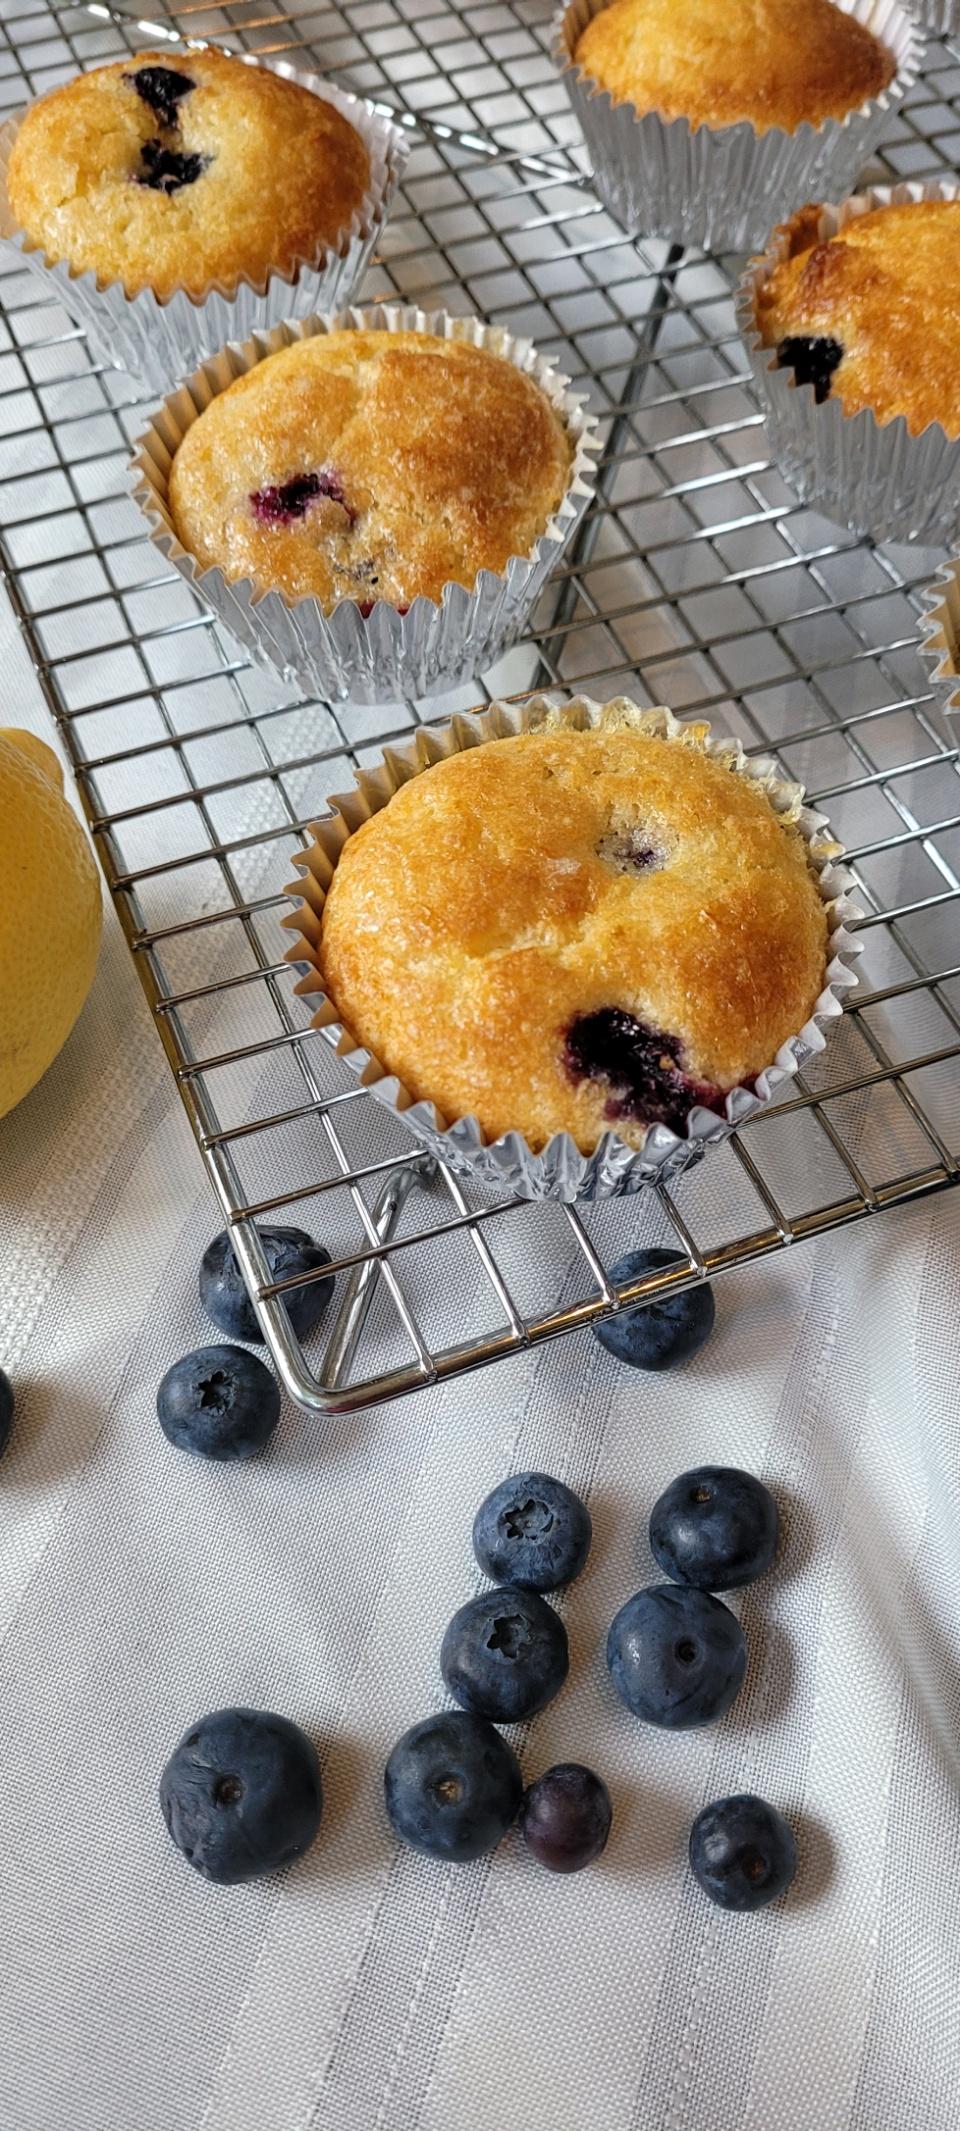 Lemon-Glazed Blueberry Cupcakes